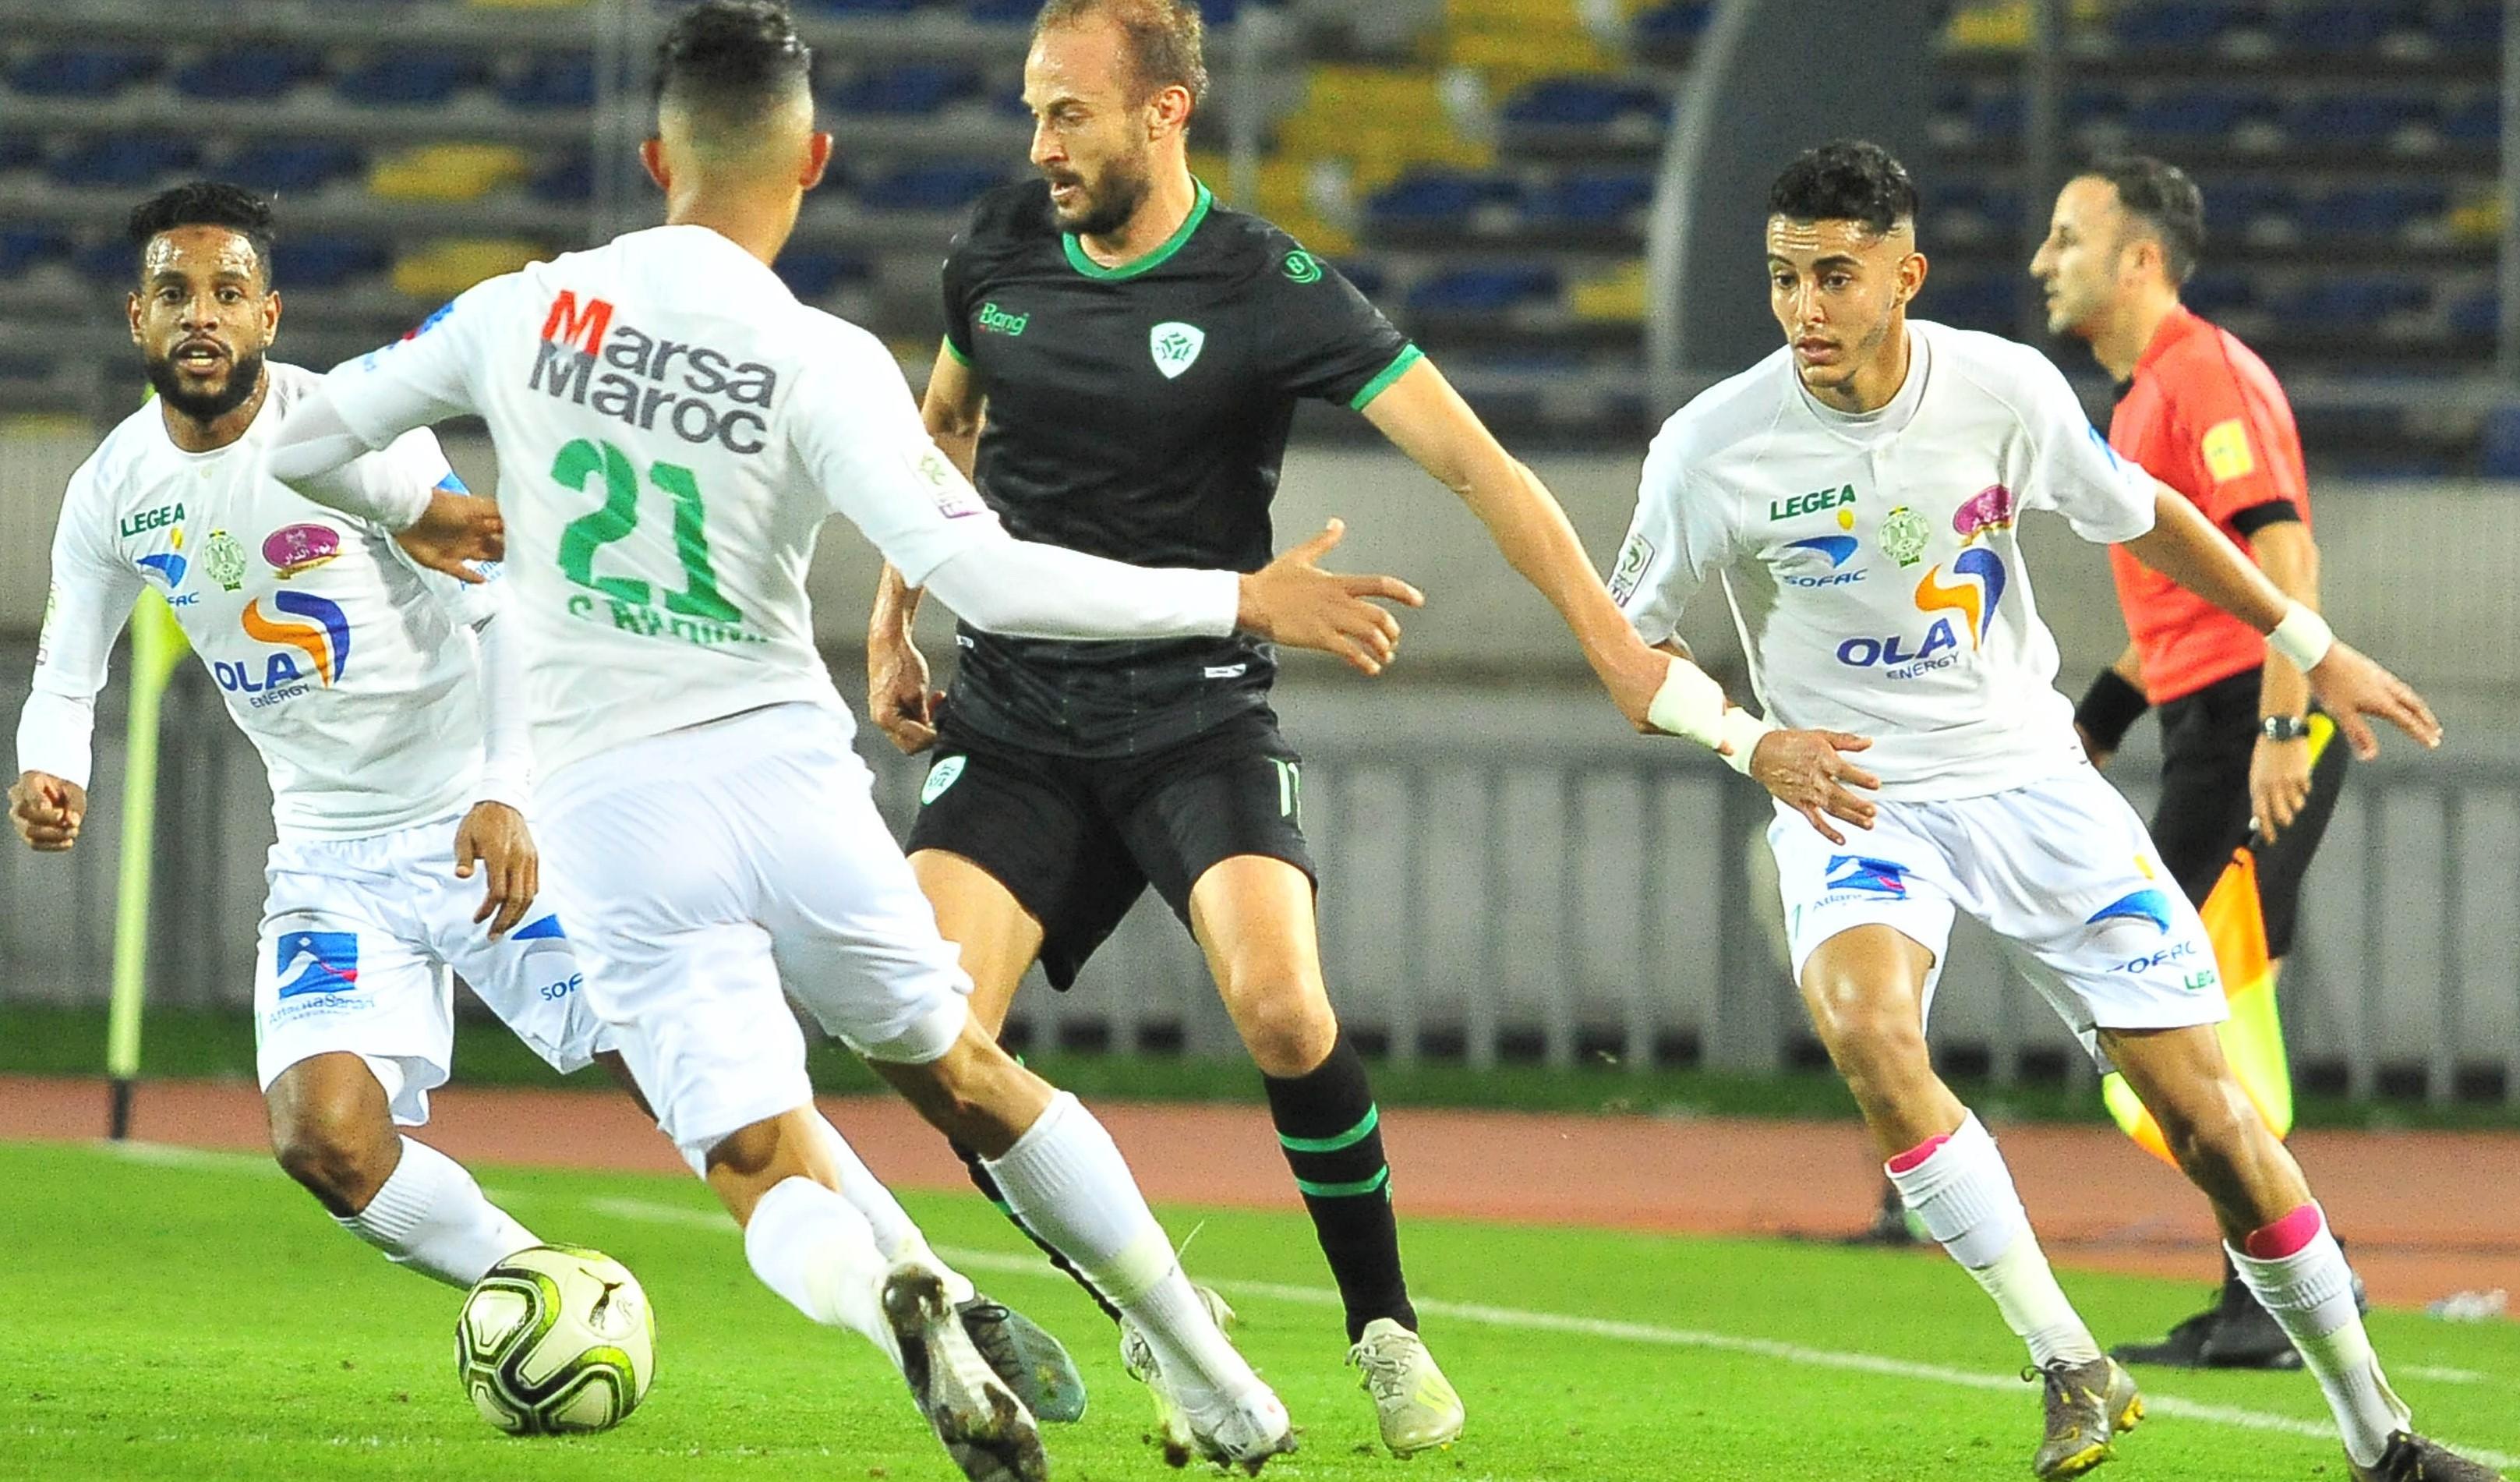 MCO-RCA : Ce jeudi, le Raja joue avec son équipe première face au Mouloudia